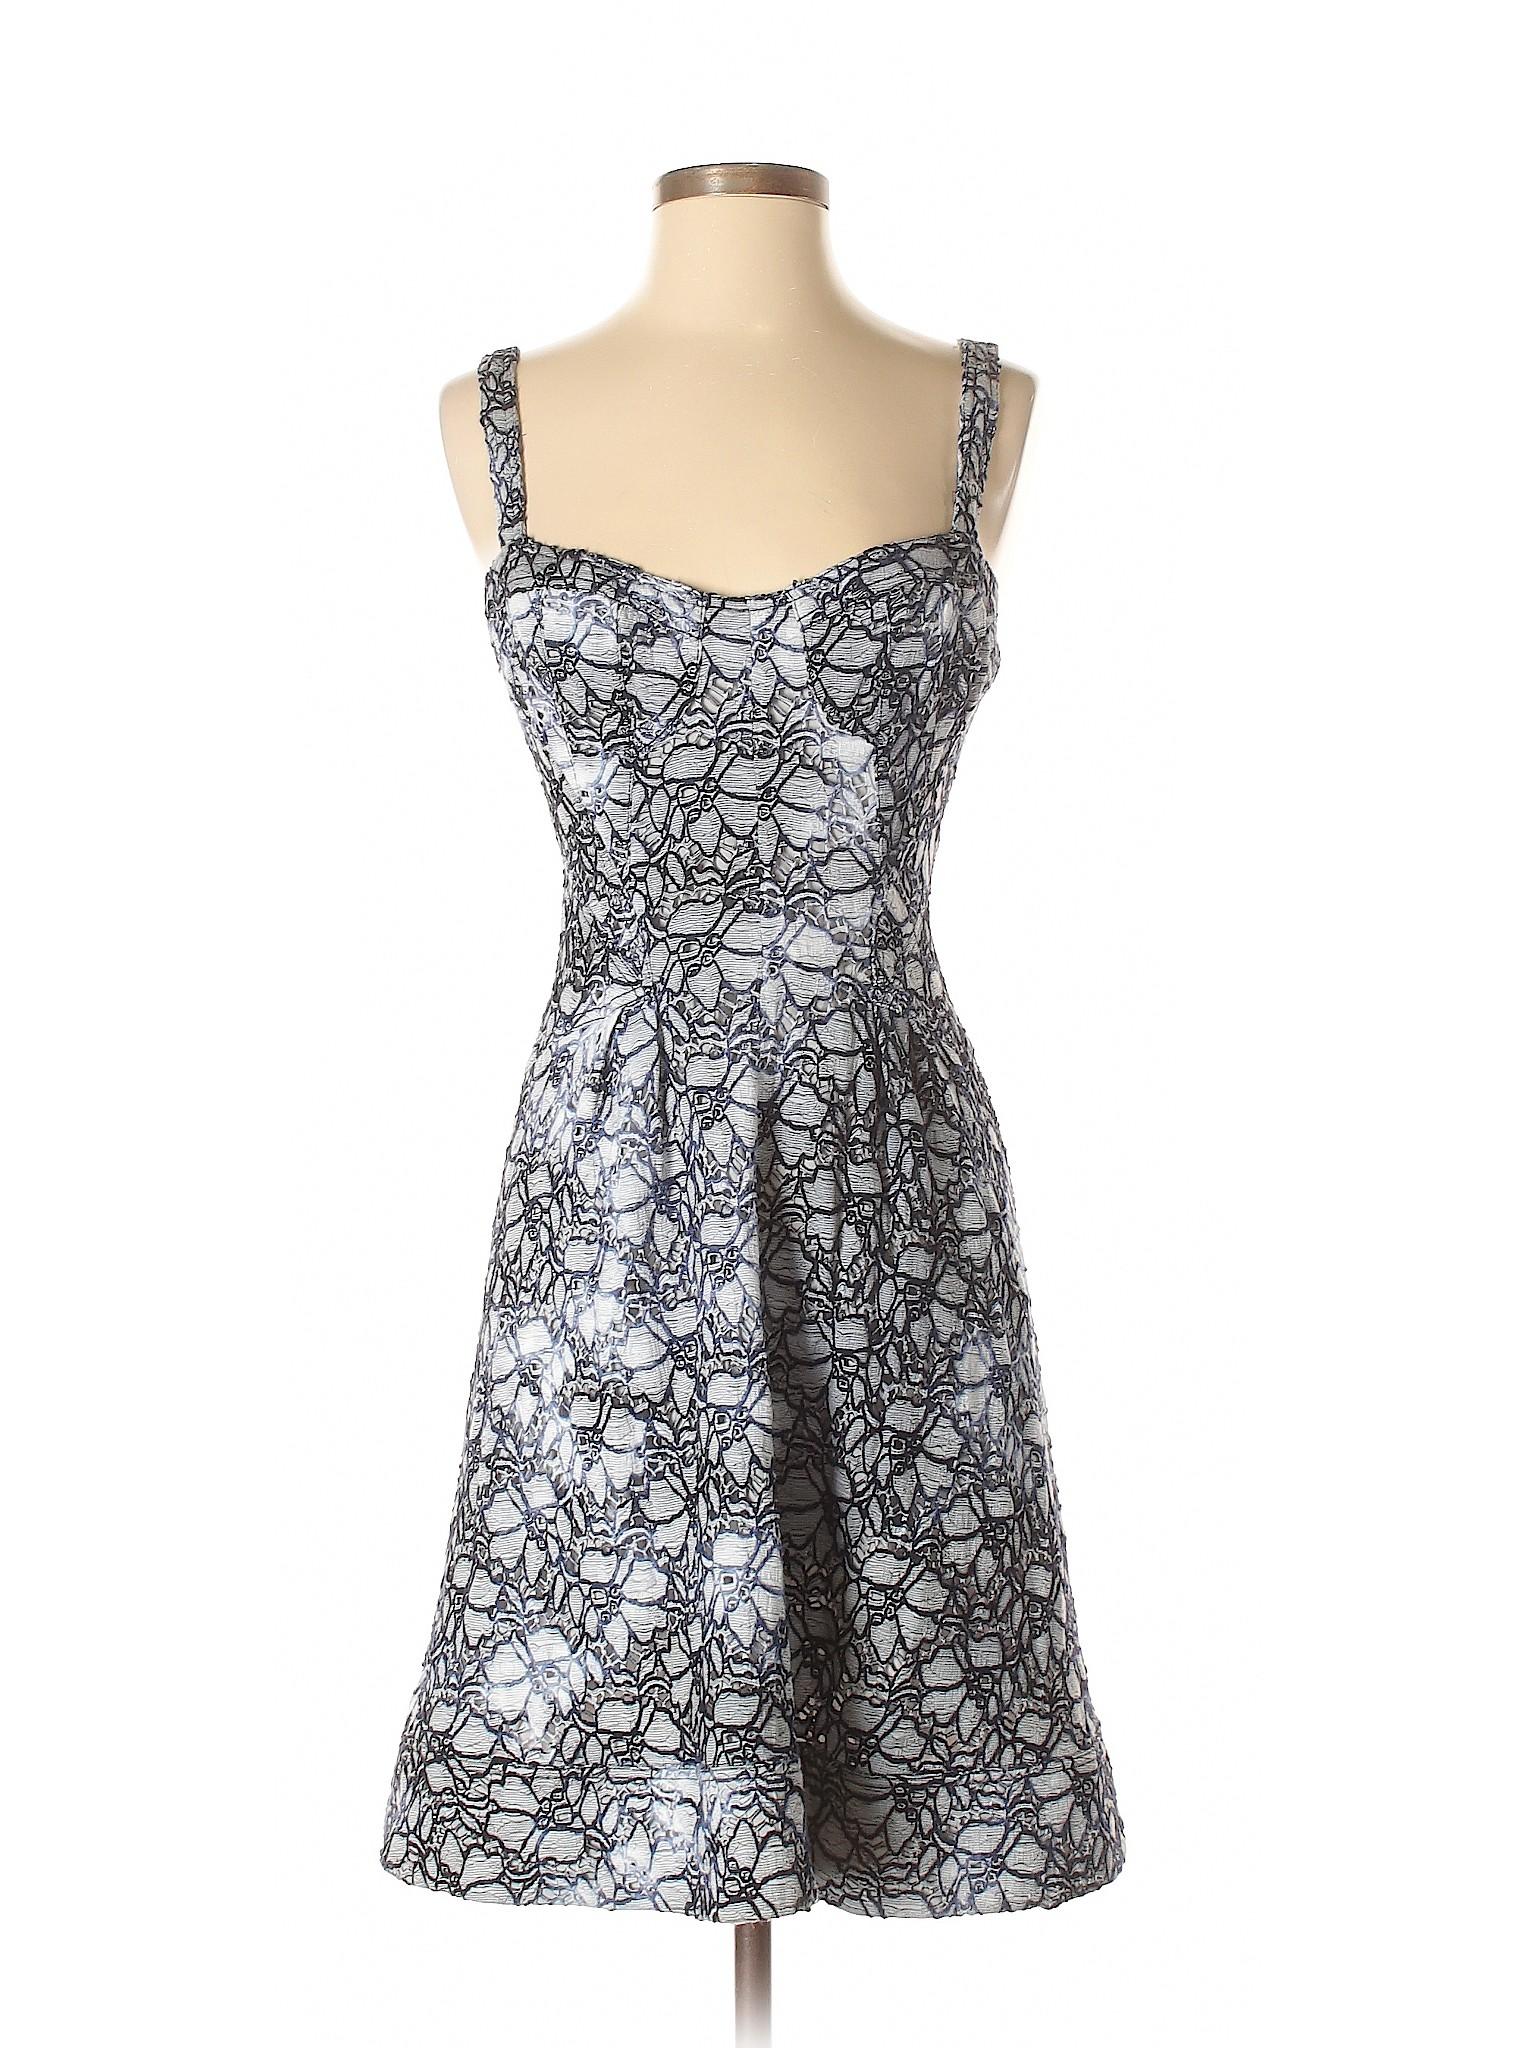 Posen Spoke by Zac Casual Z Dress Selling apPqxBT